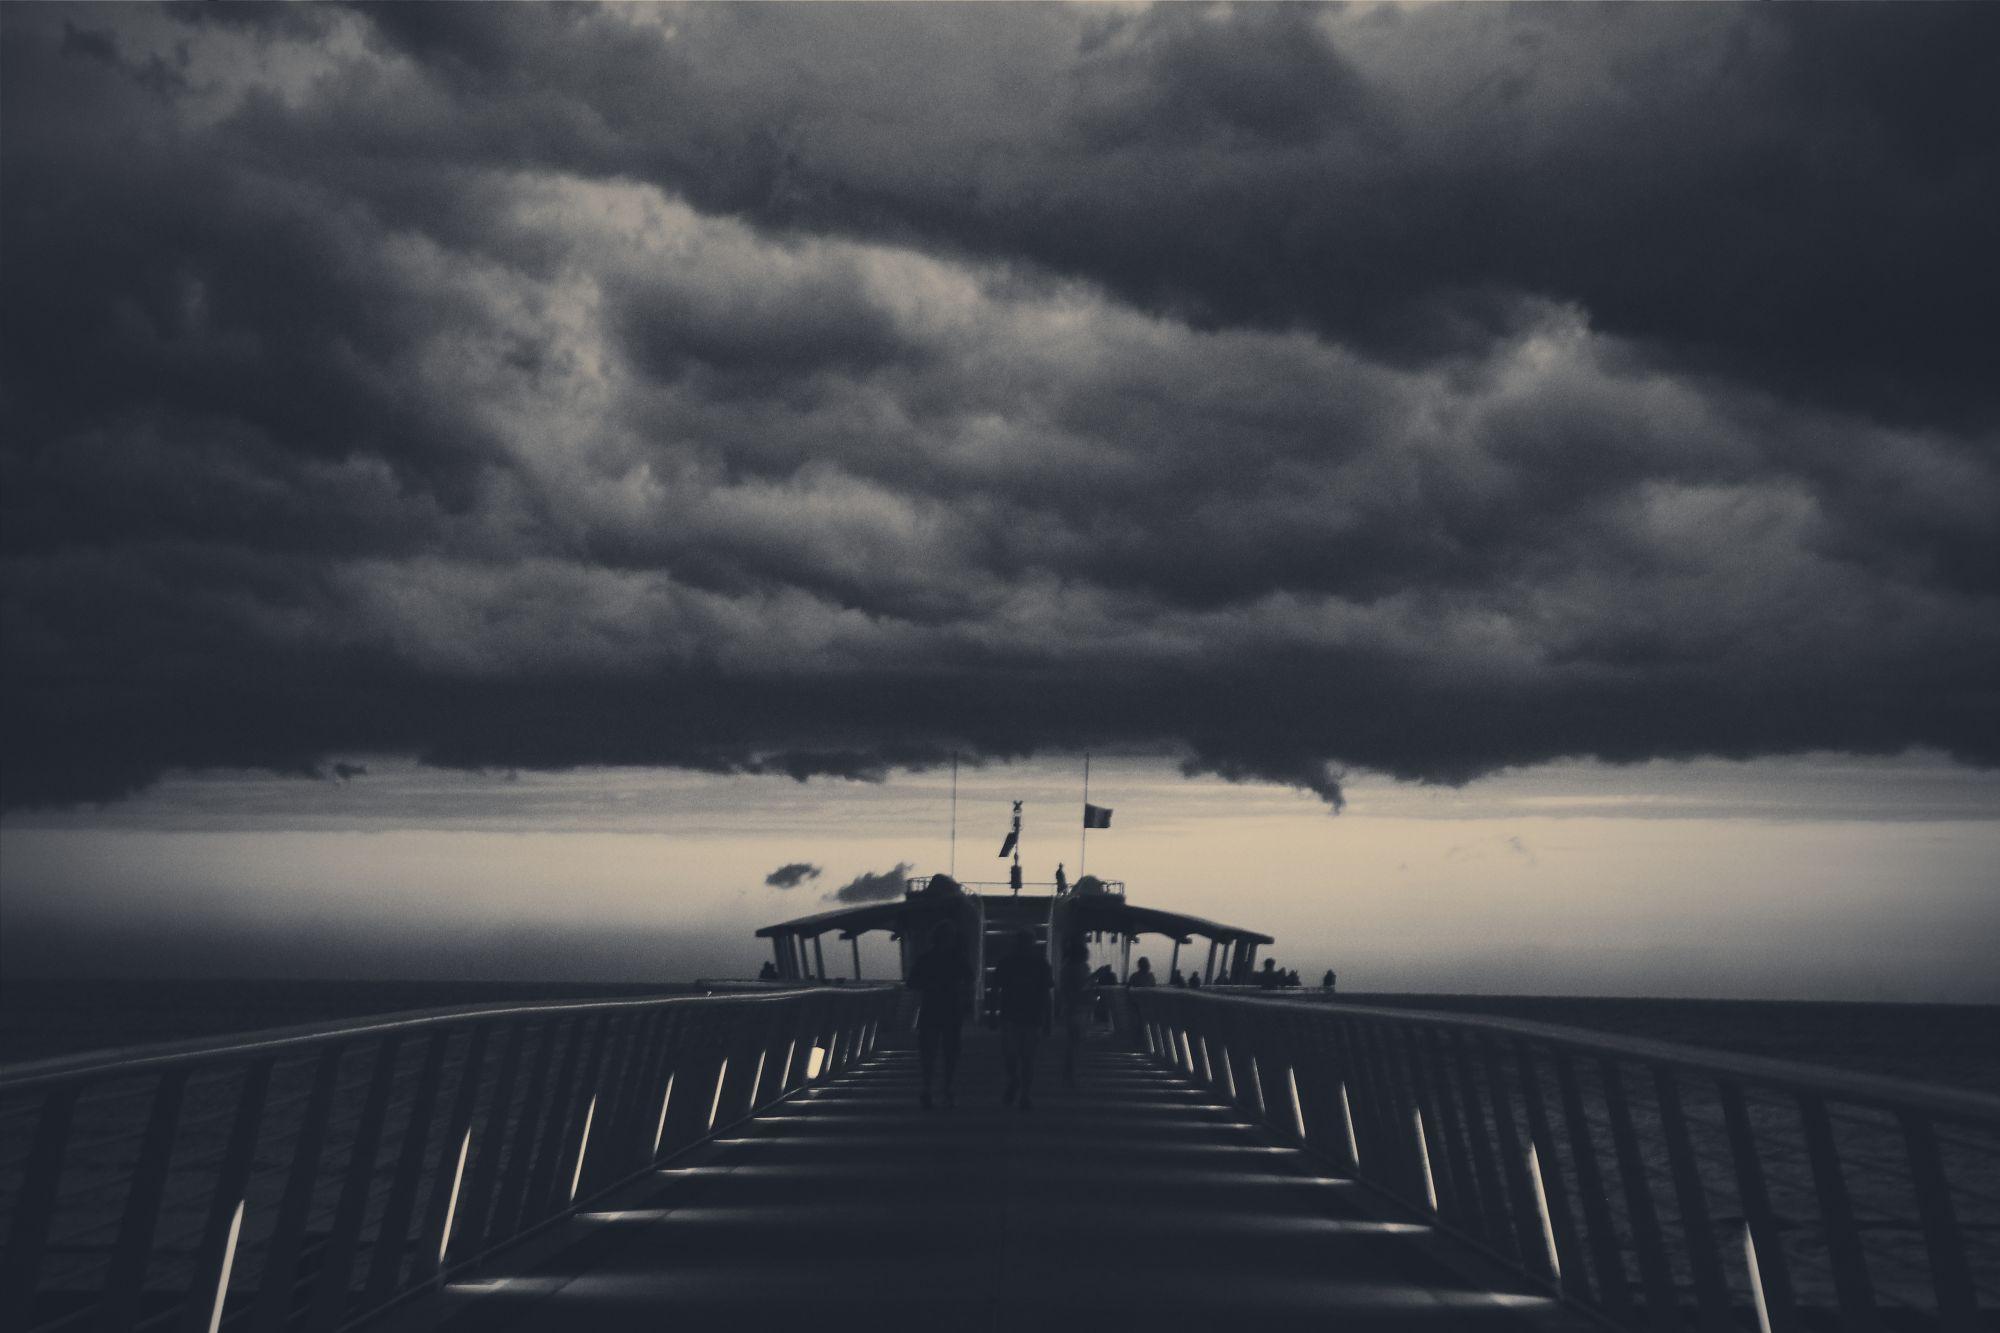 Allerta meteo in Toscana fino a martedì